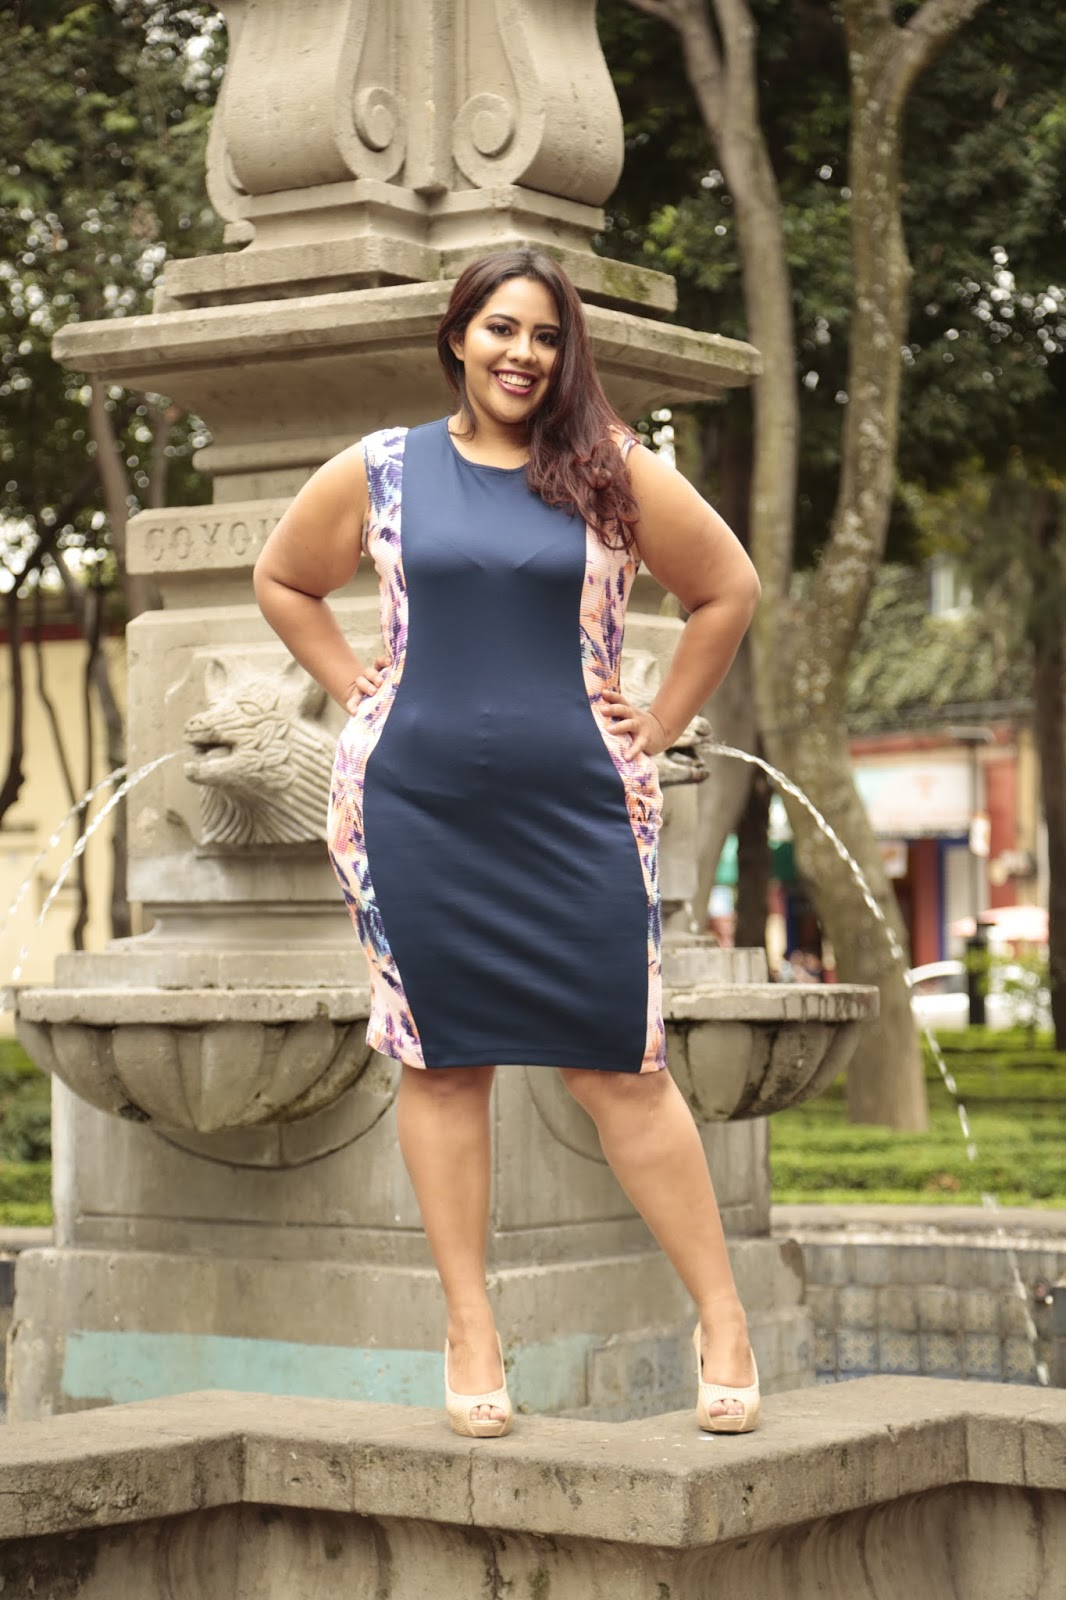 Culona de vestido de rayas - 3 part 2